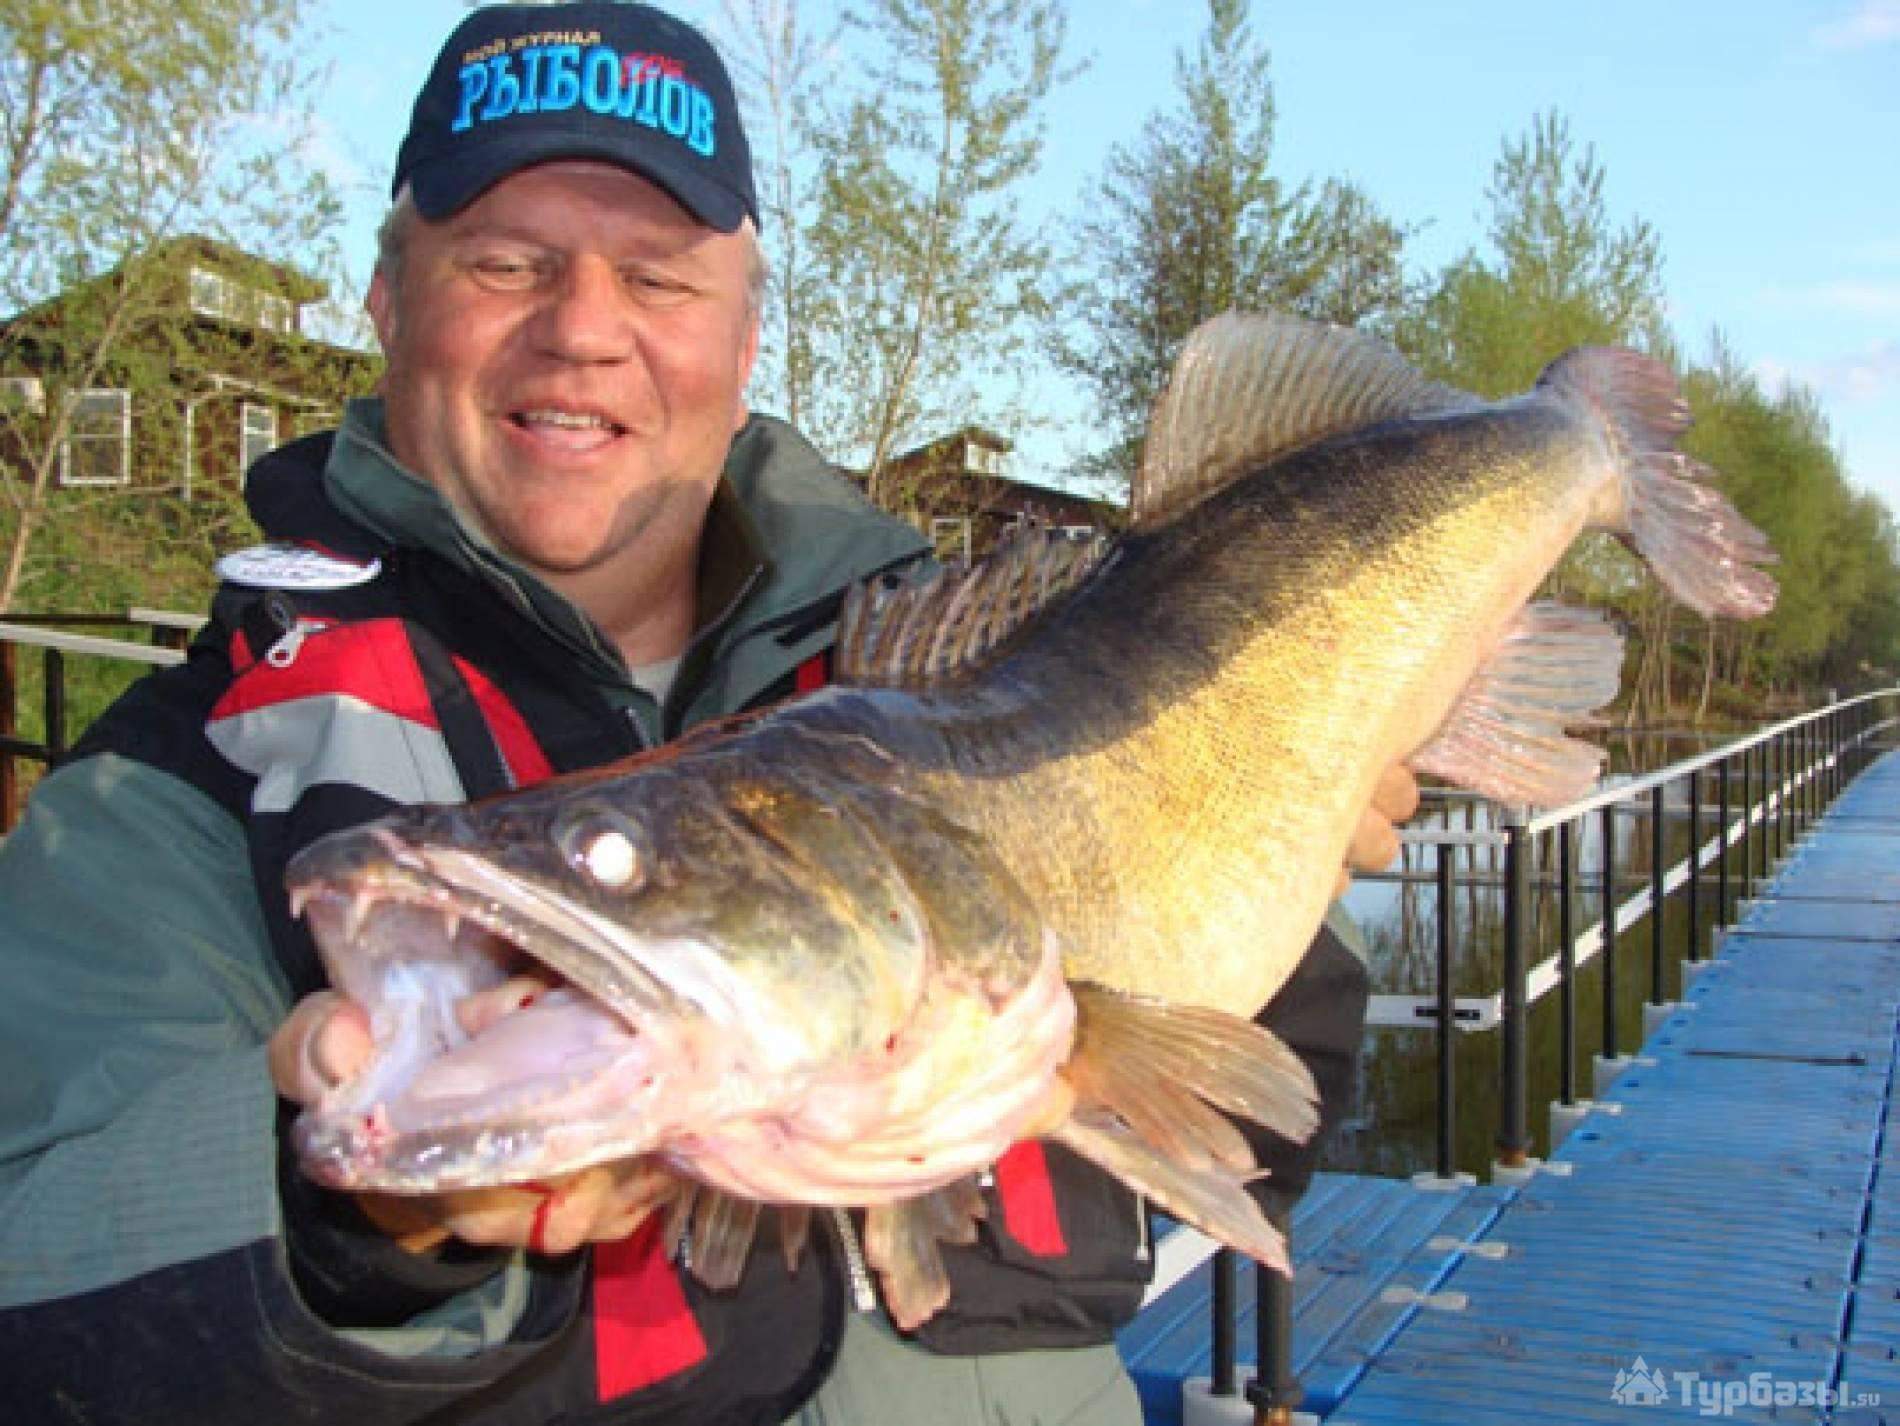 Рыбалка в самарской области: платная и бесплатная, обзор водоемов